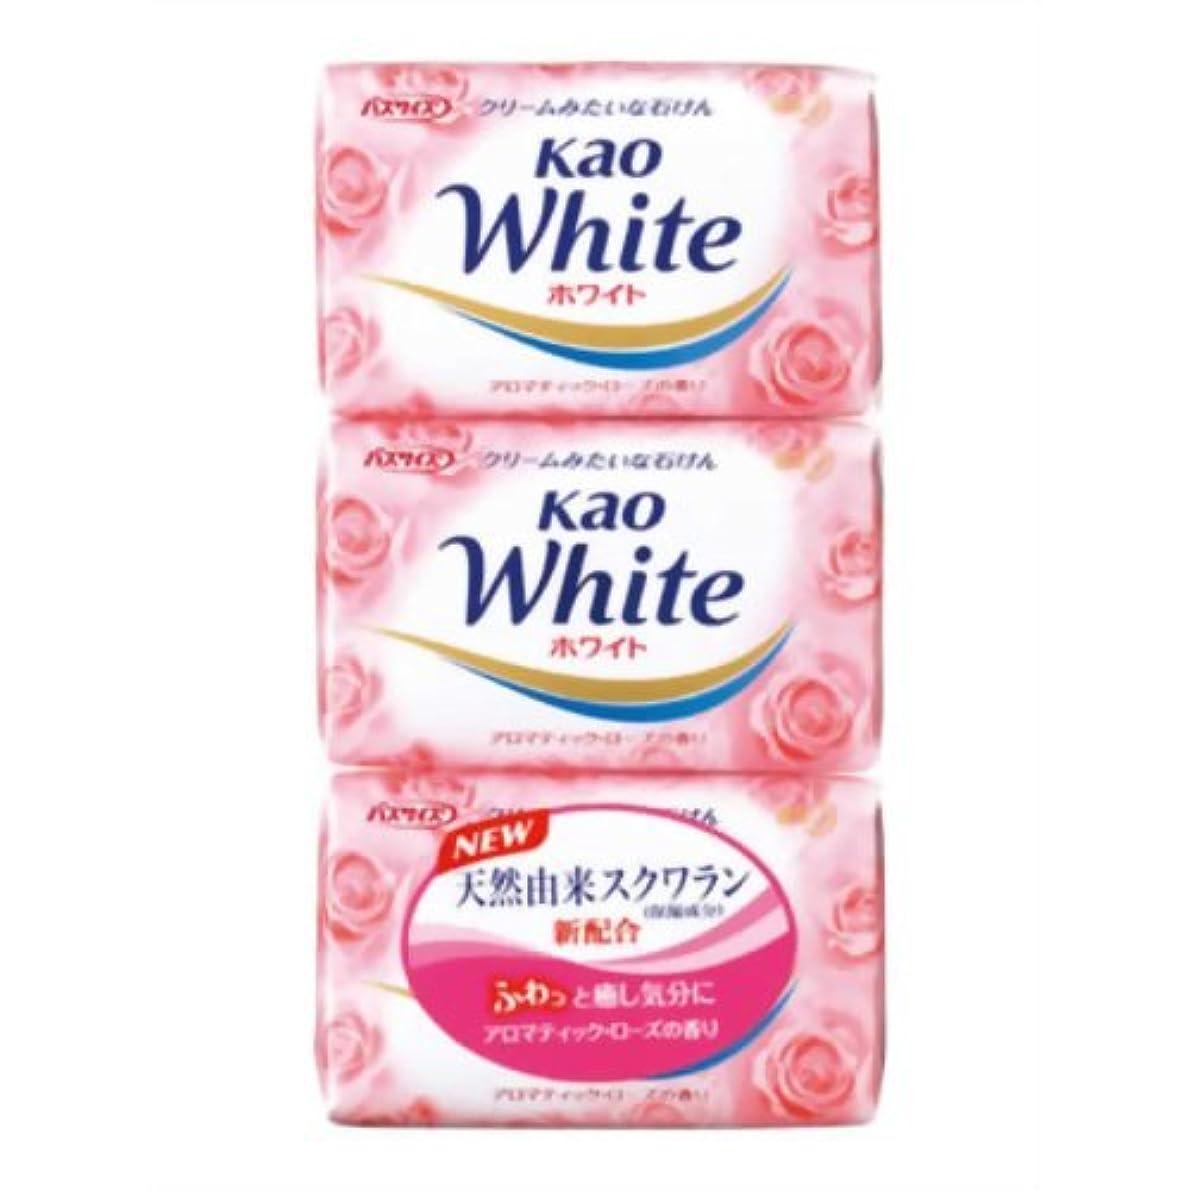 クラブポルノ直立花王ホワイト アロマティックローズの香り バスサイズ 130g*3個入